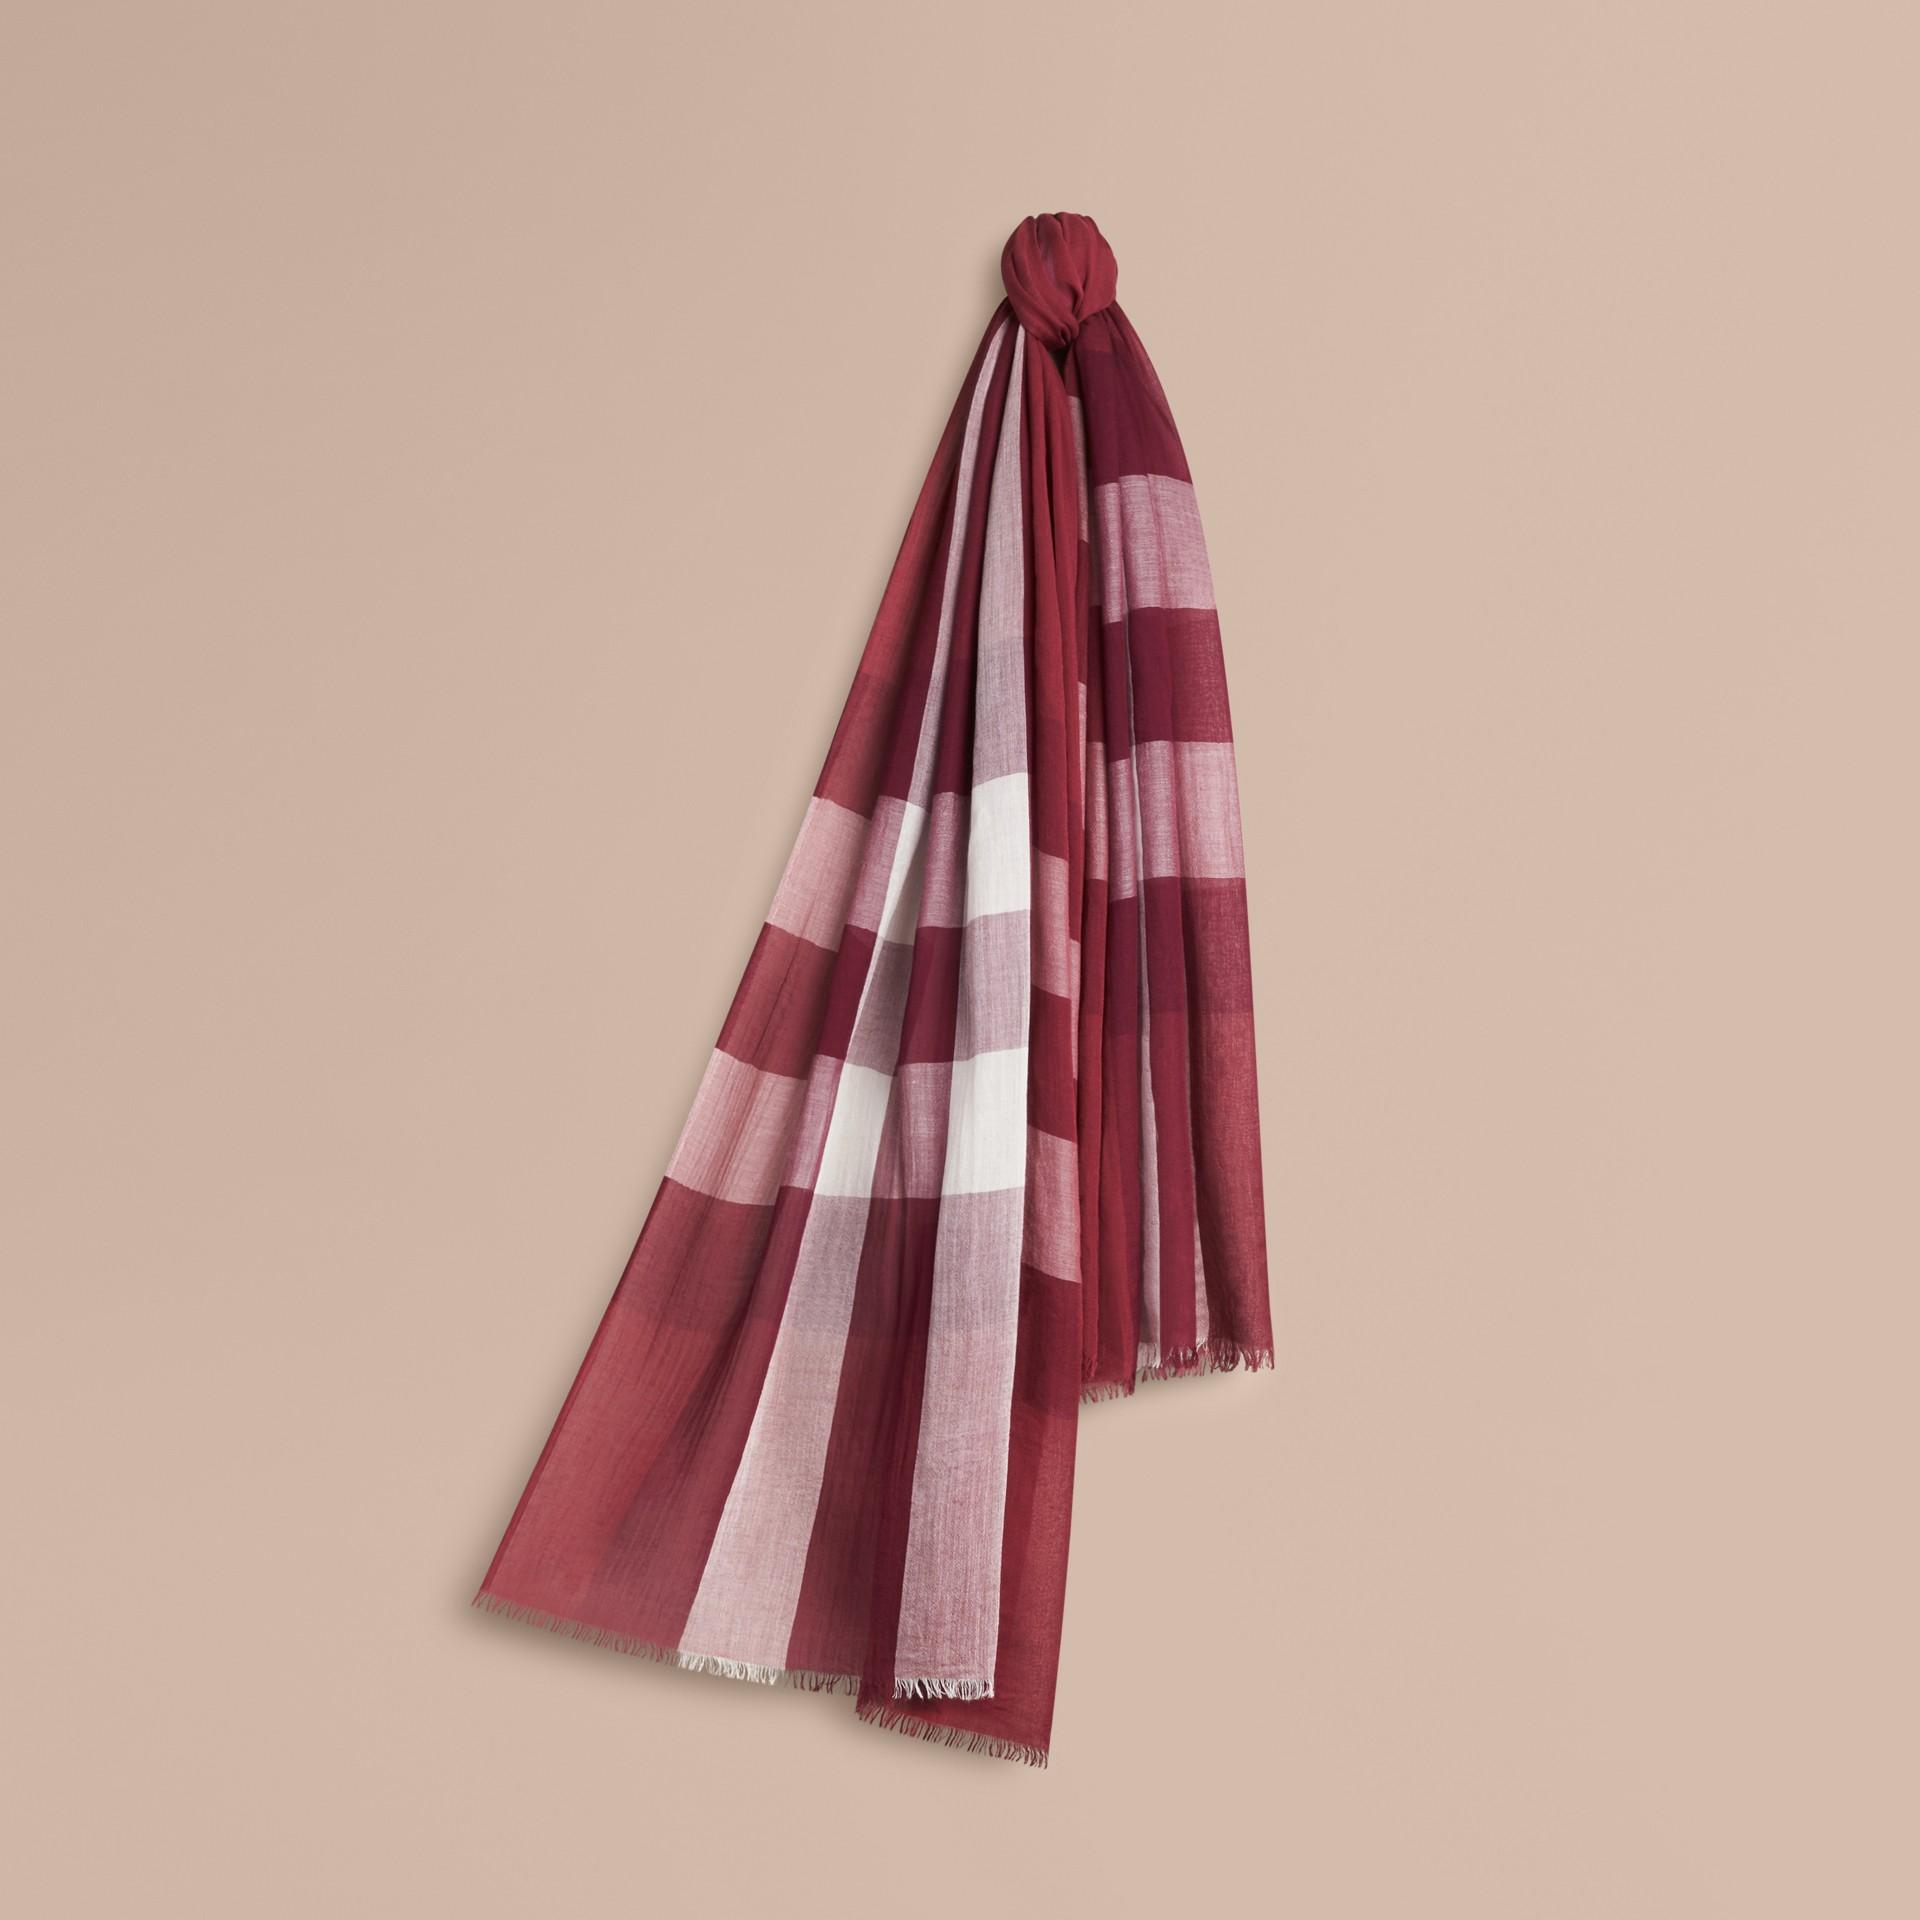 Rosa granato Sciarpa in modal, cashmere e seta con motivo check Rosa Granato - immagine della galleria 1